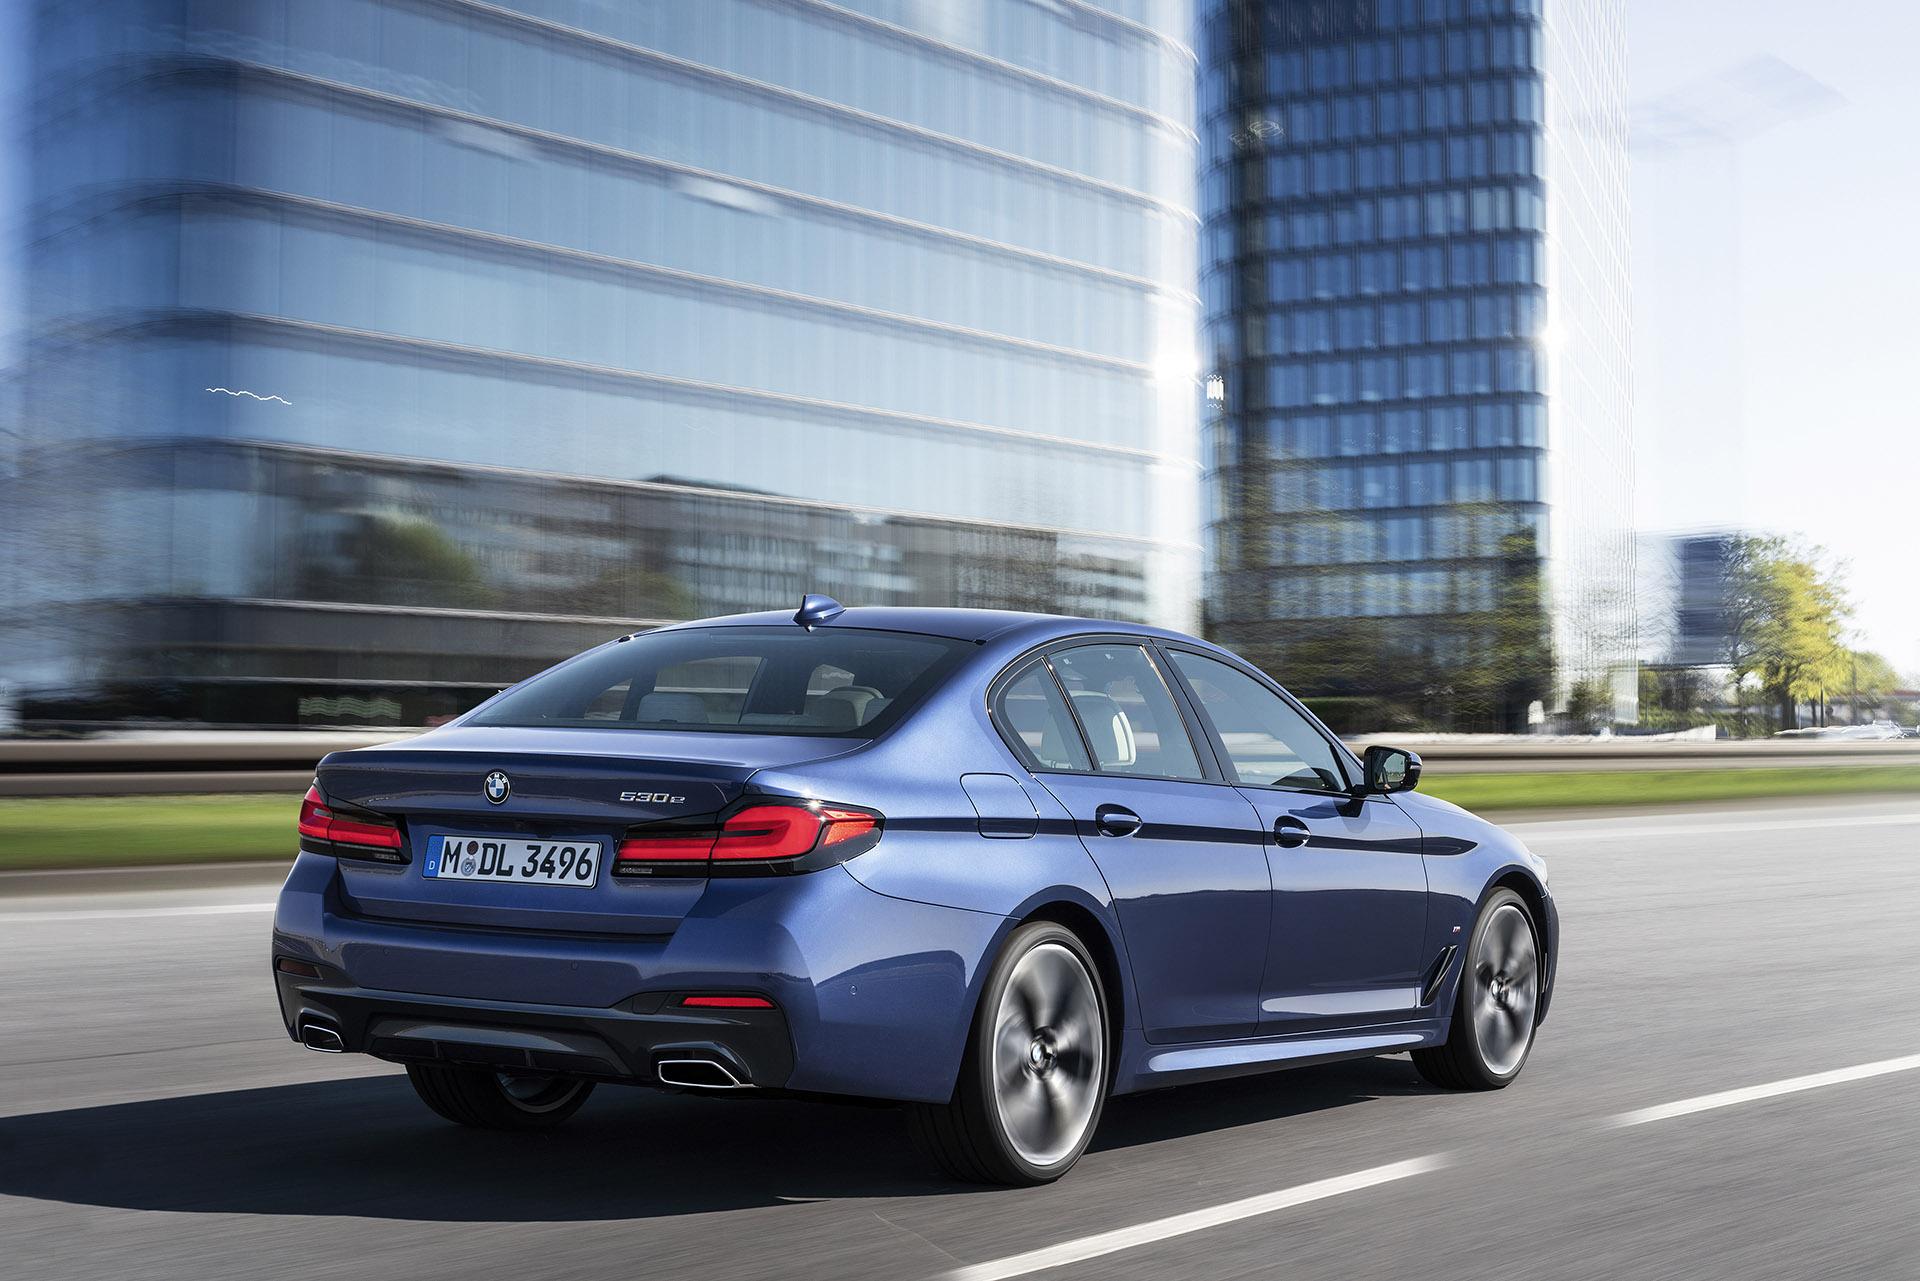 Vylepšenia BMW radu 5 prinášajú aj hybridizáciu motorov